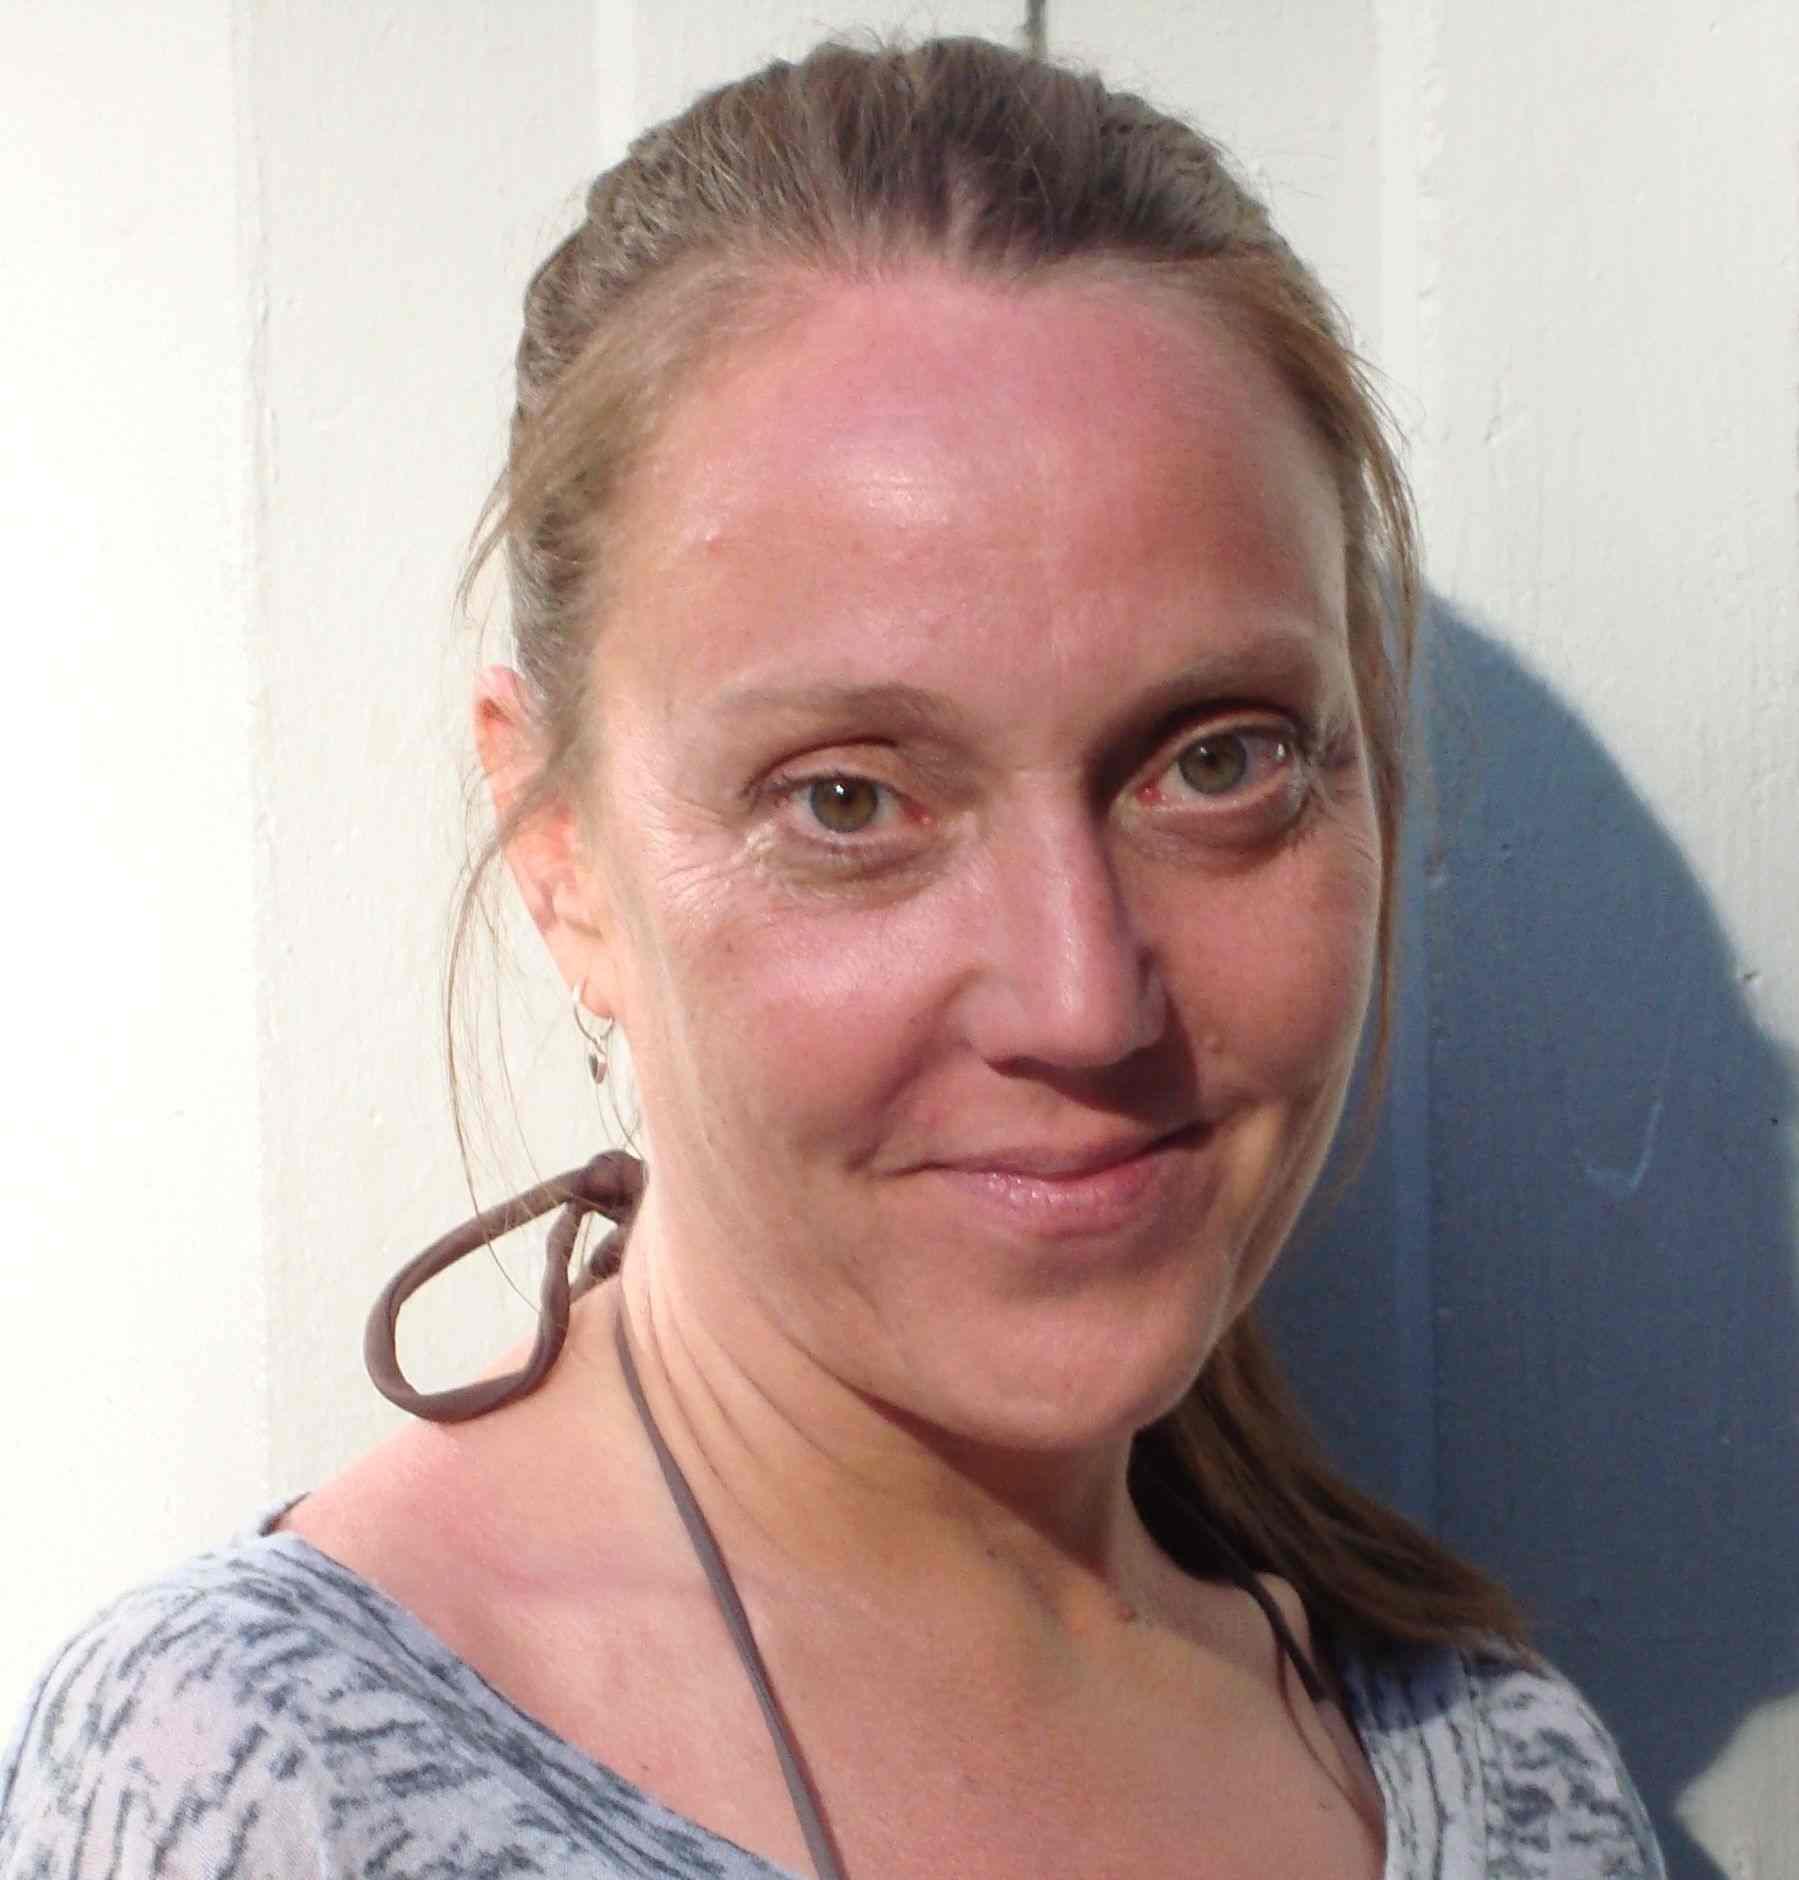 Hanna Heilborn : «Ce n'est pas évident de placer un micro et un enregistreur devant un enfant qui a une histoire difficile à raconter»